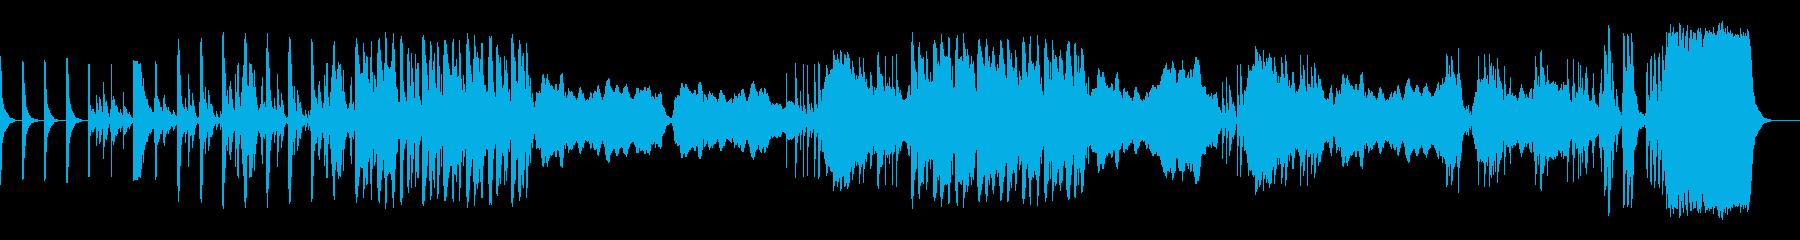 サスペンスやホラーに使える曲_妖しき空間の再生済みの波形